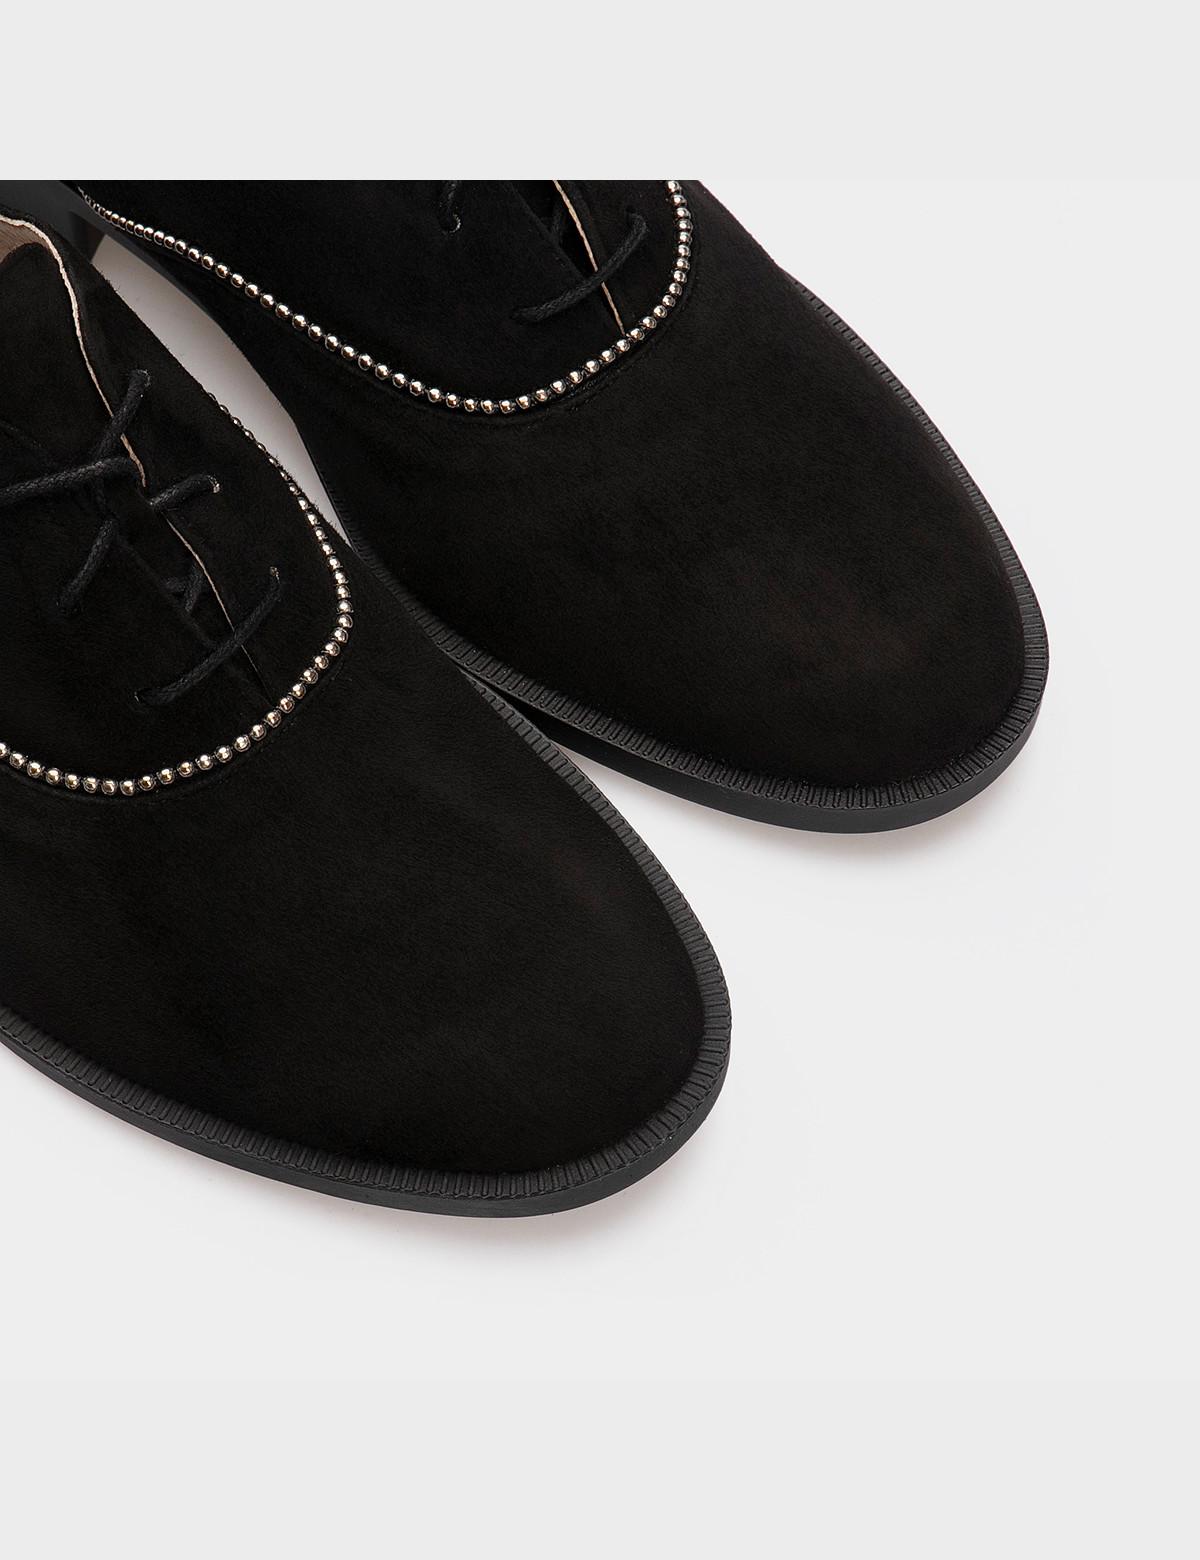 Туфлі чорні, натуральна замша4